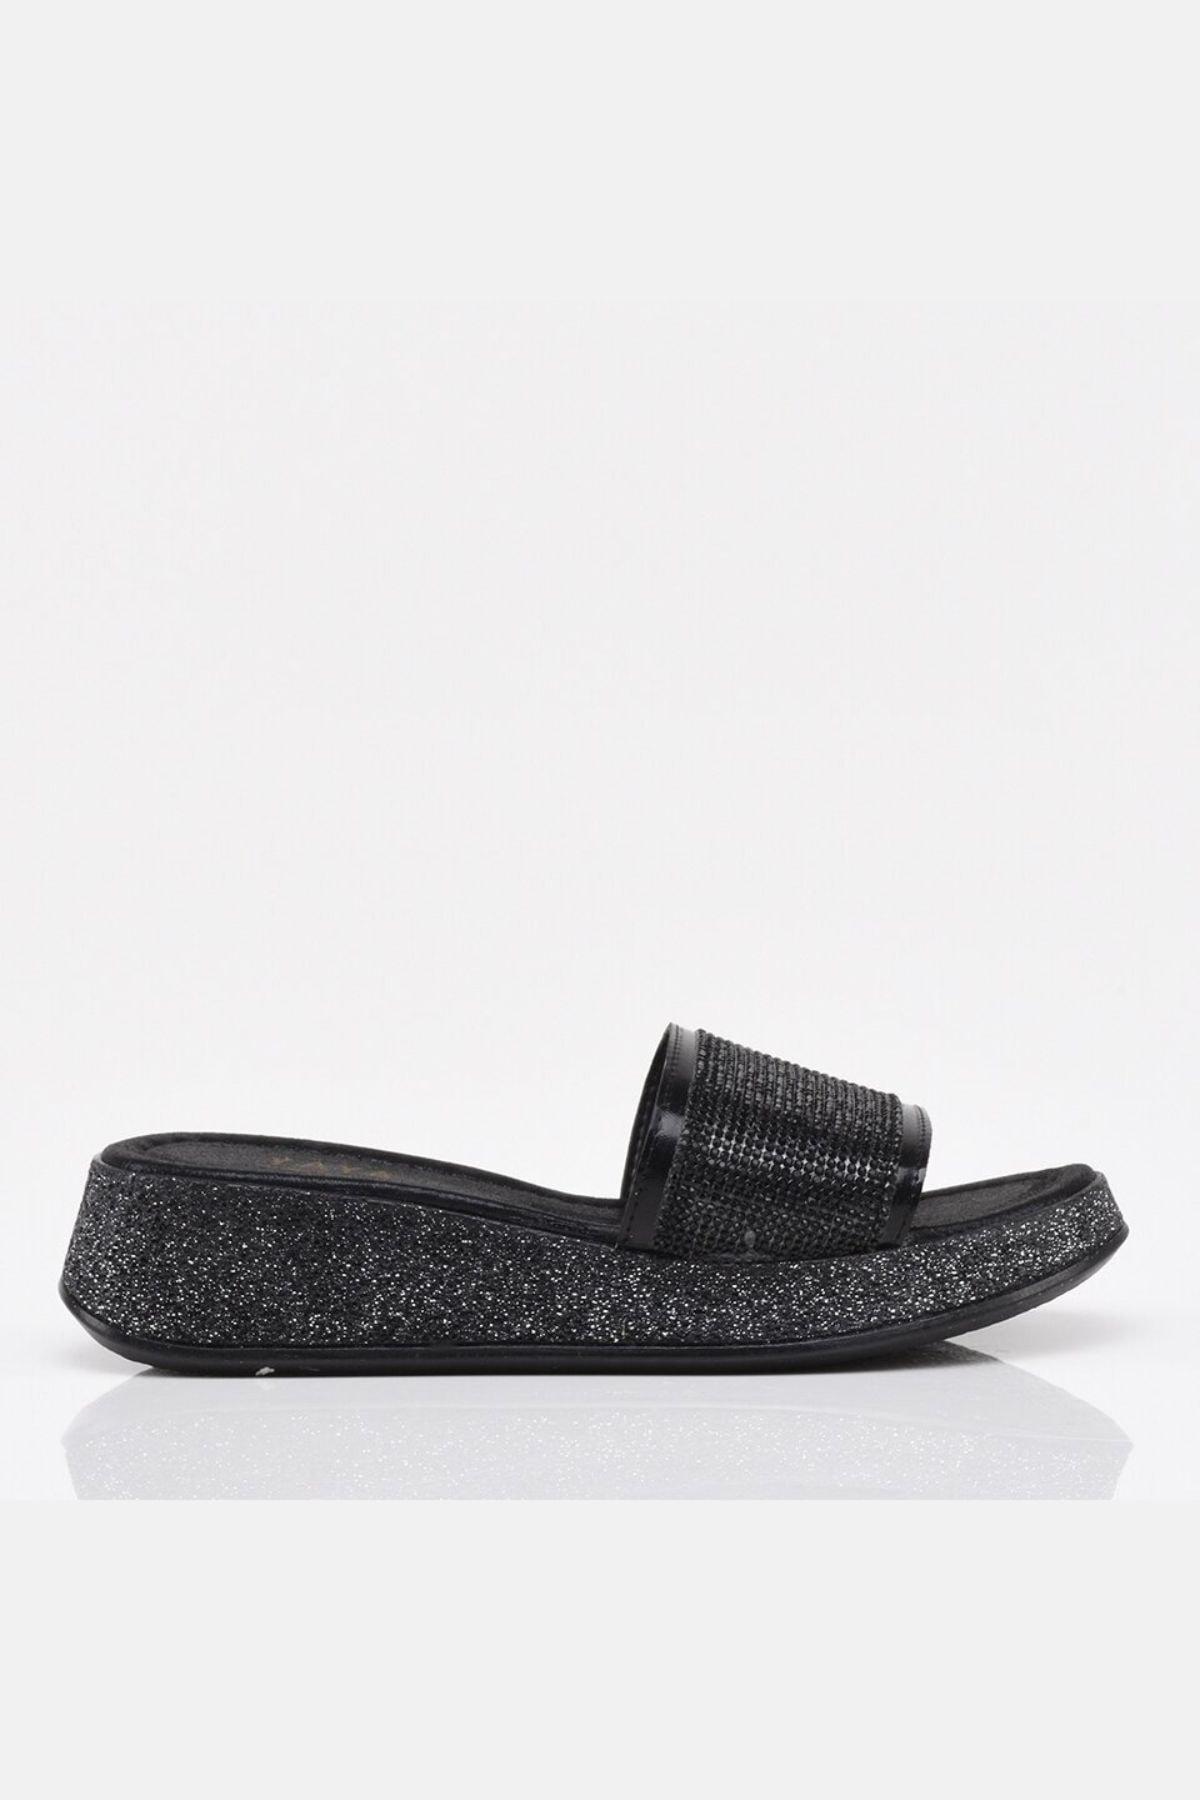 النساء الصنادل السوداء للمشاة s و الصيف داخلي في الهواء الطلق الوجه يتخبط الشاطئ حذاء الإناث النعال منصة عادية